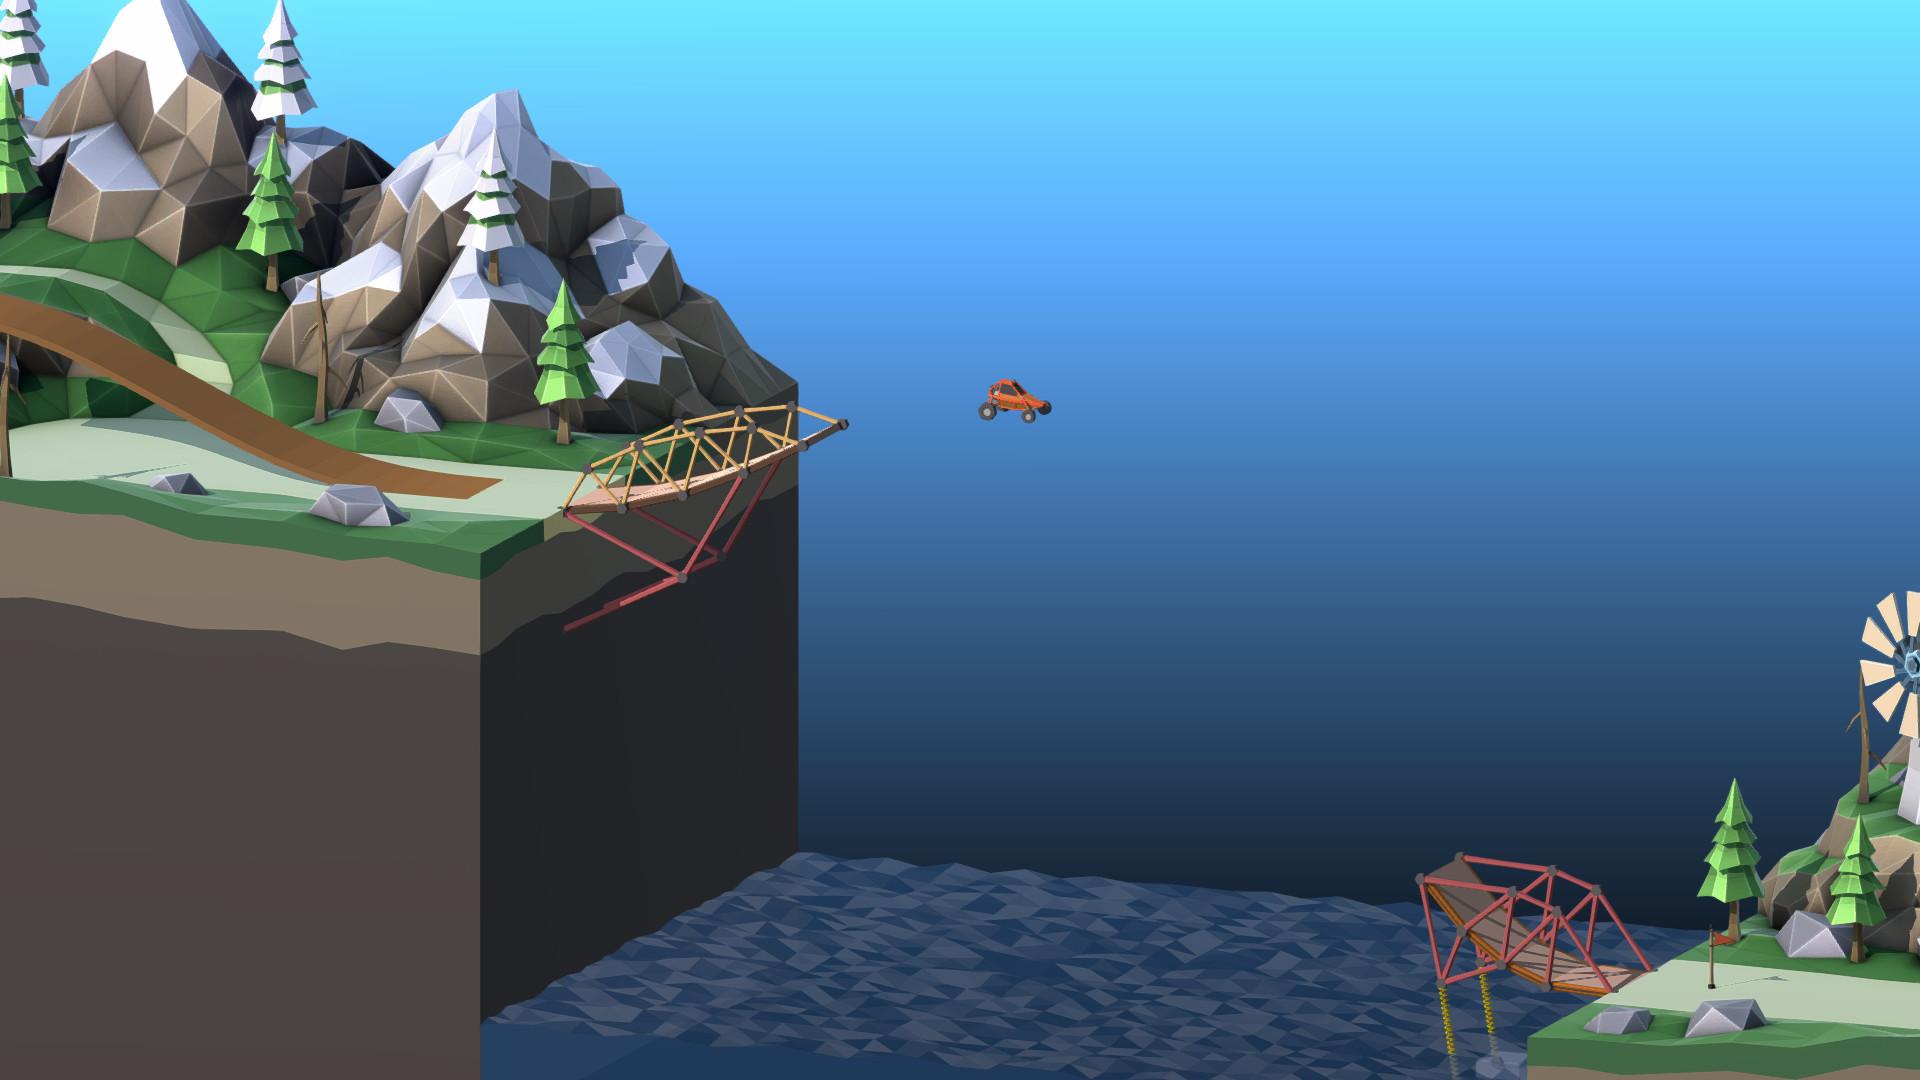 桥梁建造师2桥梁建造师2中文版下载攻略秘籍